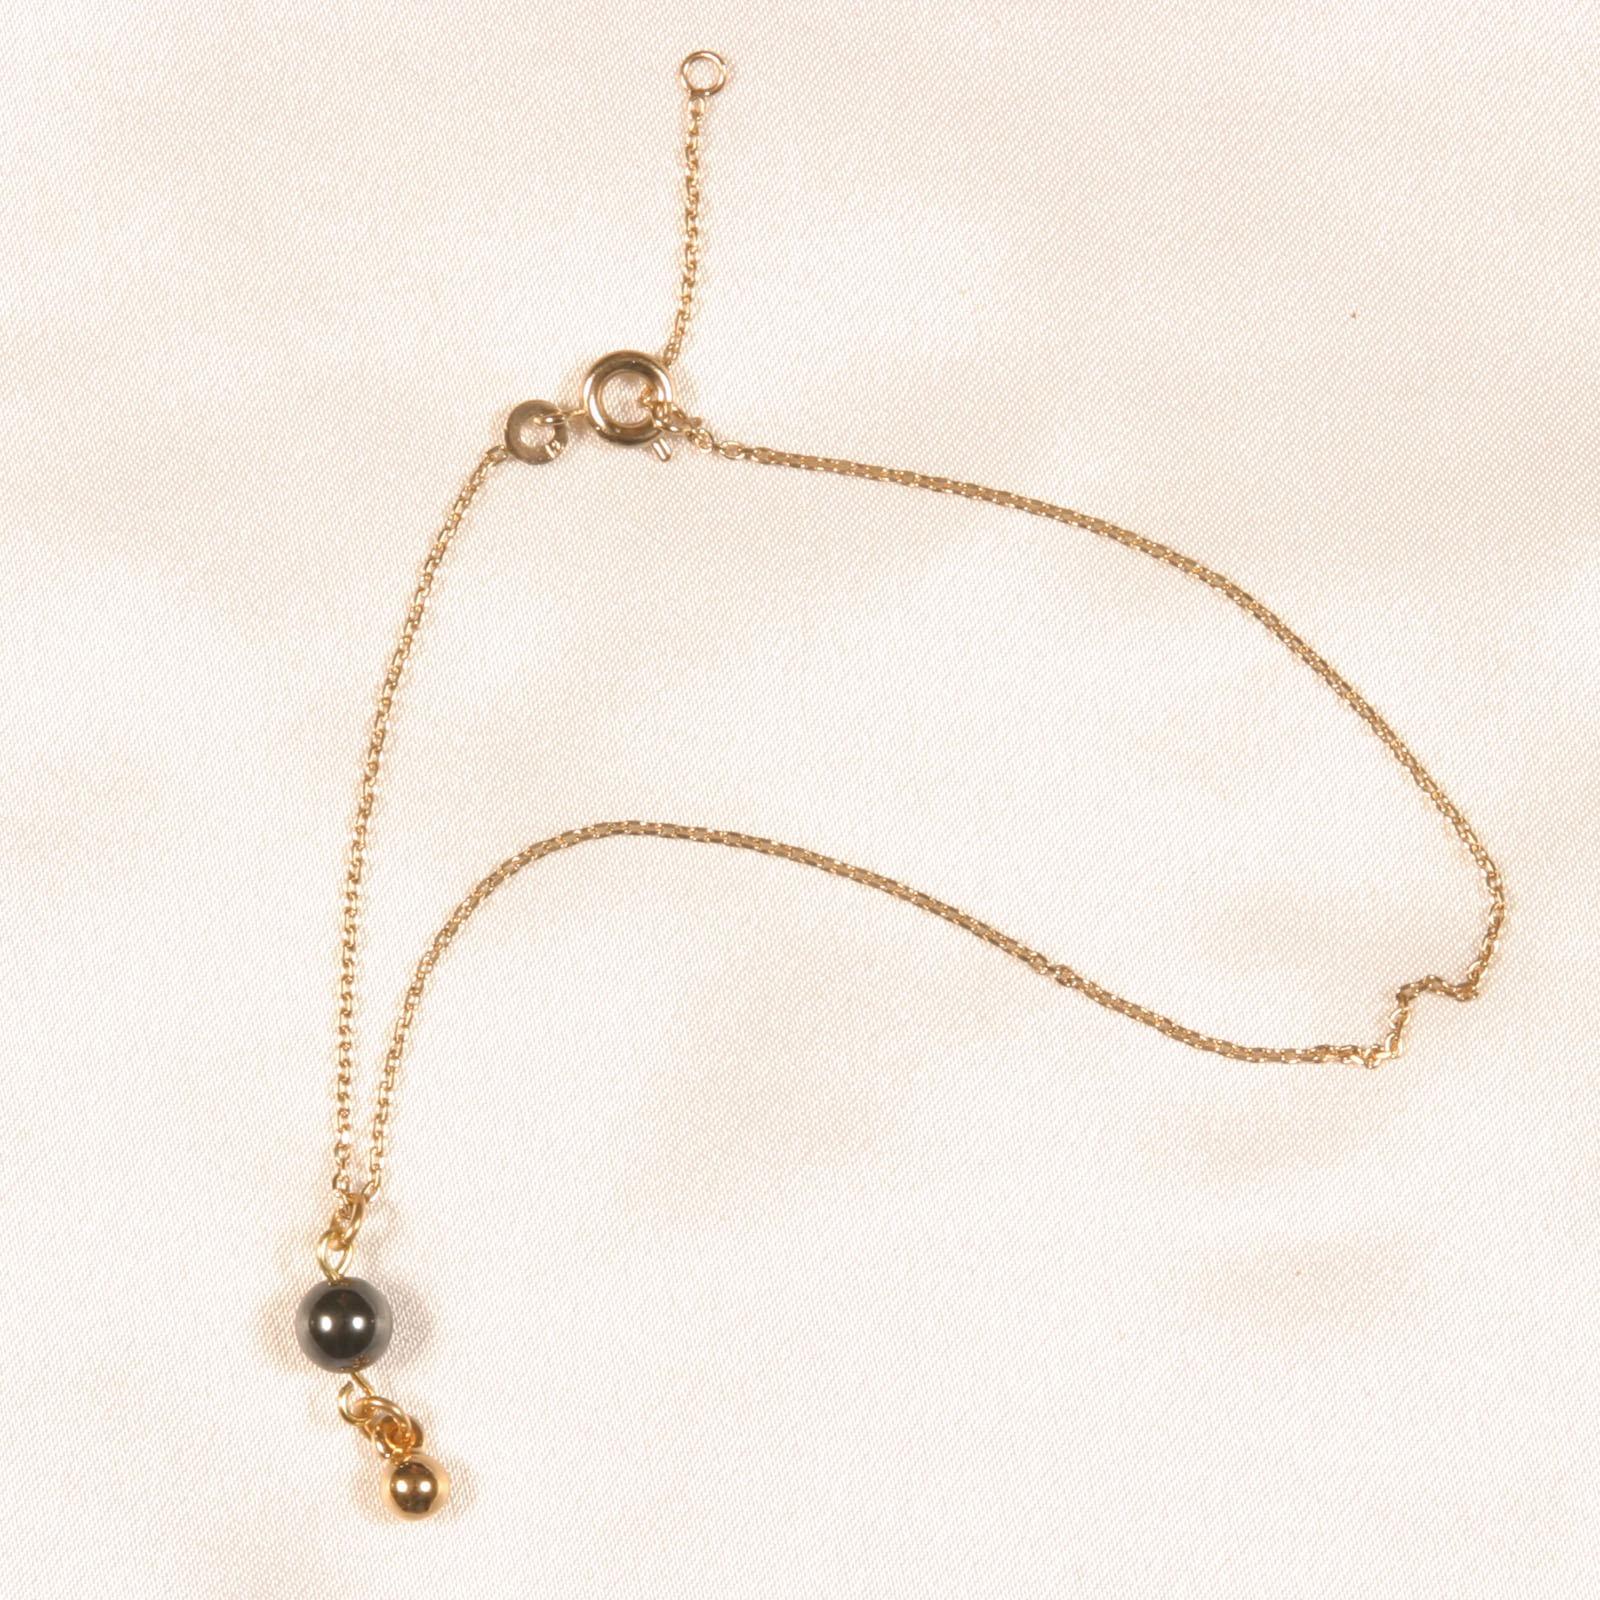 chc34 0 cheville perle hematite et or.jpg